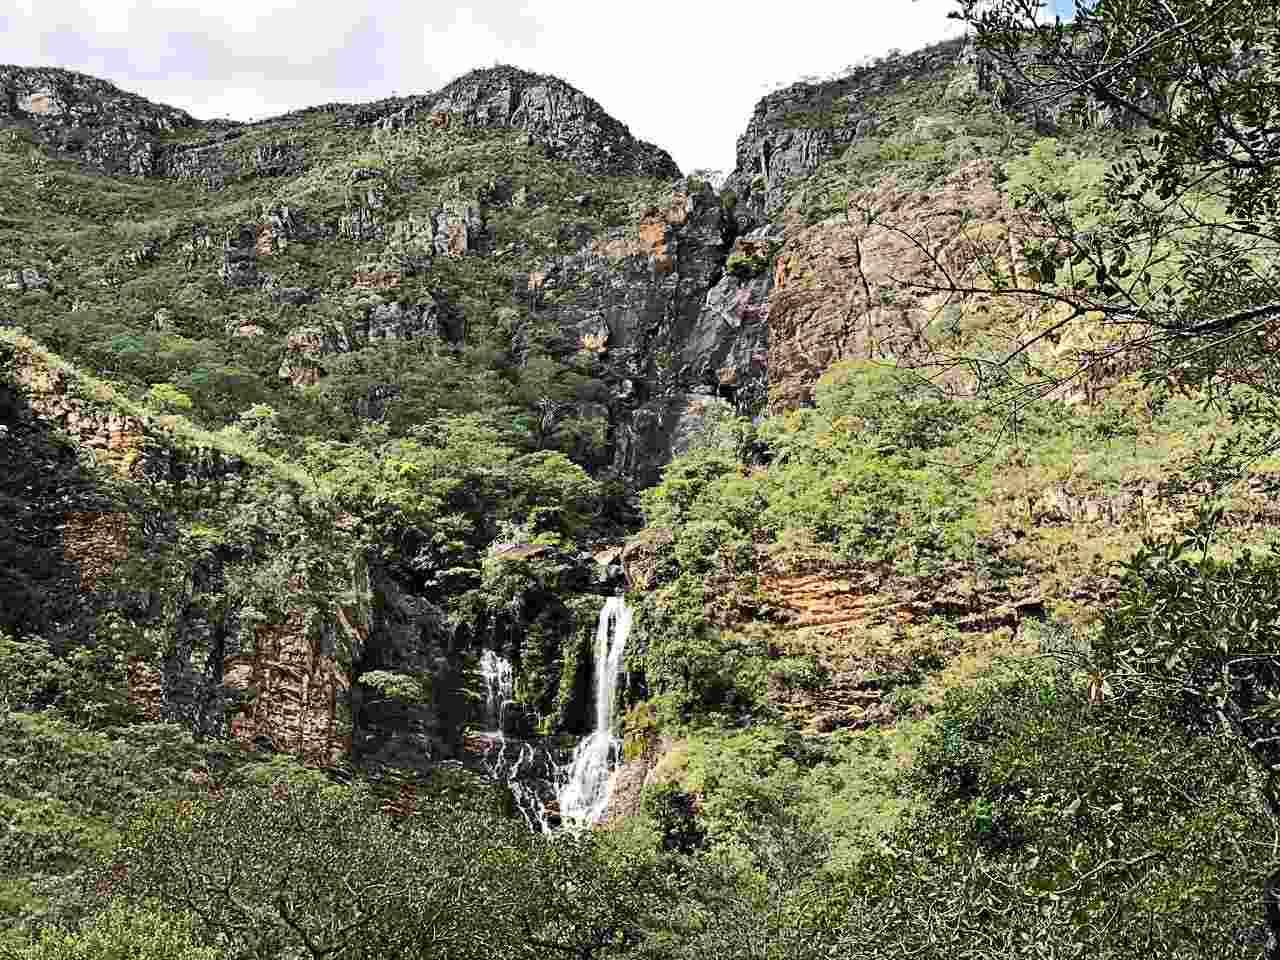 Cachoeira da Farofa vista de longe